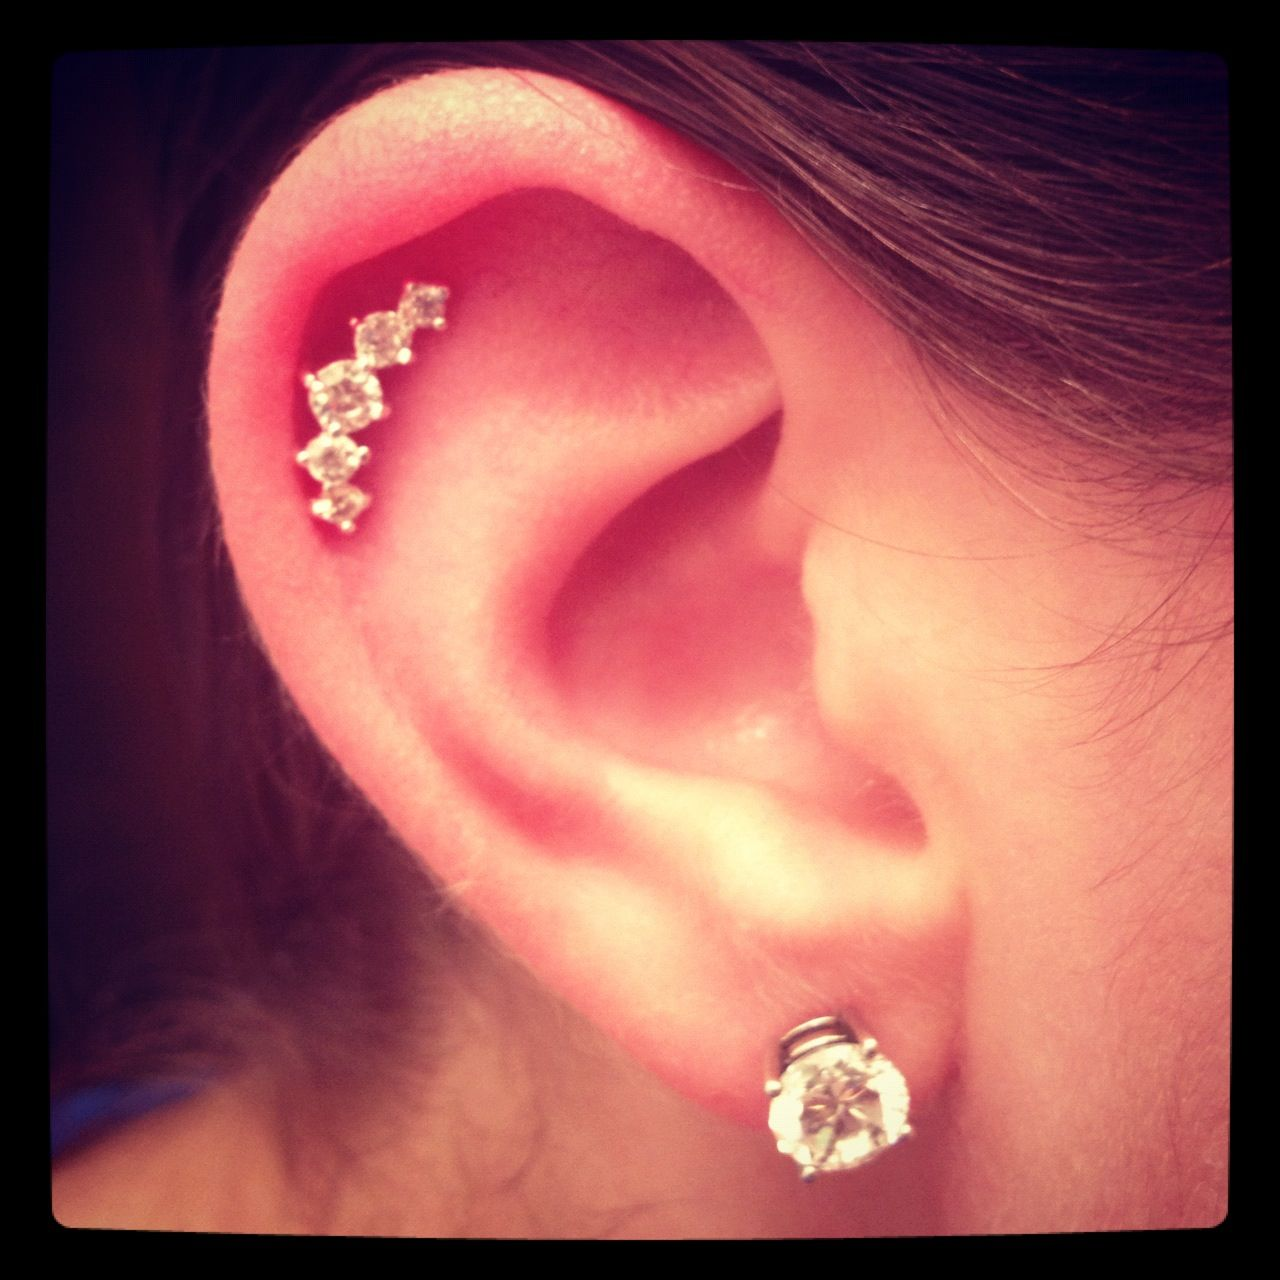 Diamond Earrings: Single Cartilage Earring